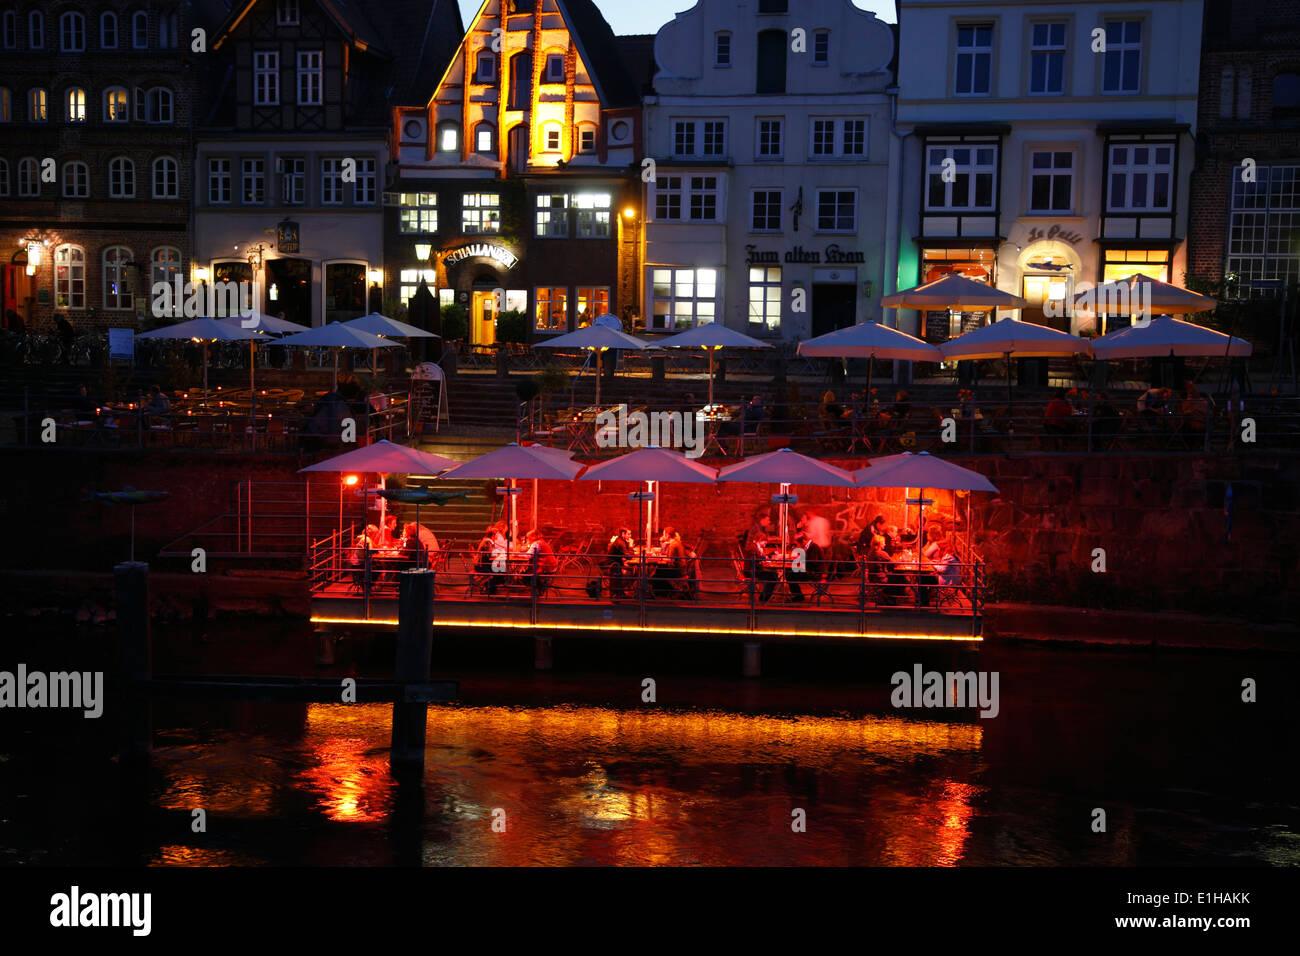 Nachtleben am Stintmarkt, Lüneburg, Lüneburg, Niedersachsen, Deutschland, Europa Stockbild